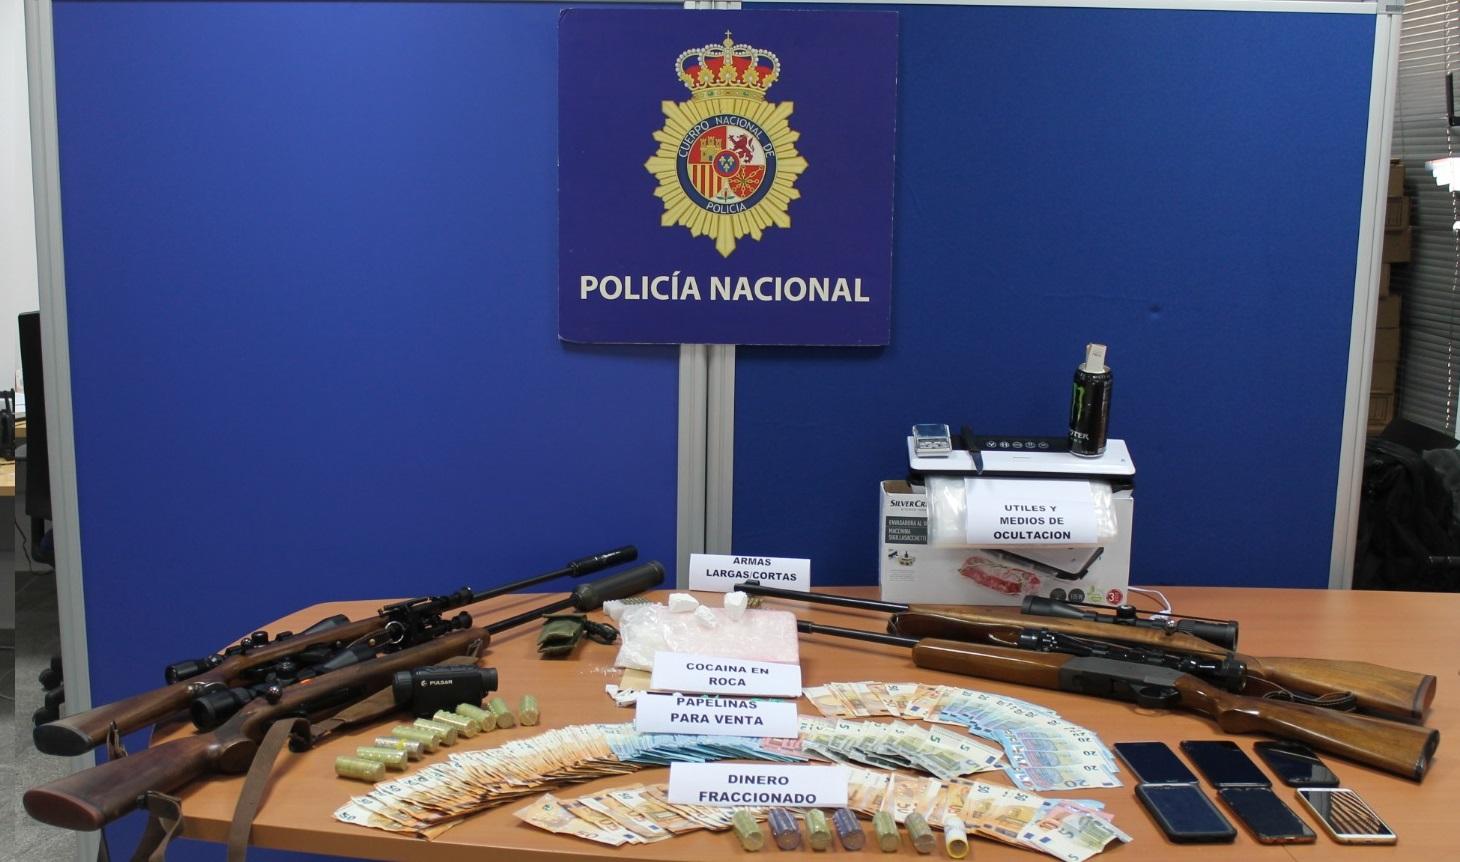 Desarticula la mayor red de distribución de cocaína que operaba en la Sierra de Cádiz